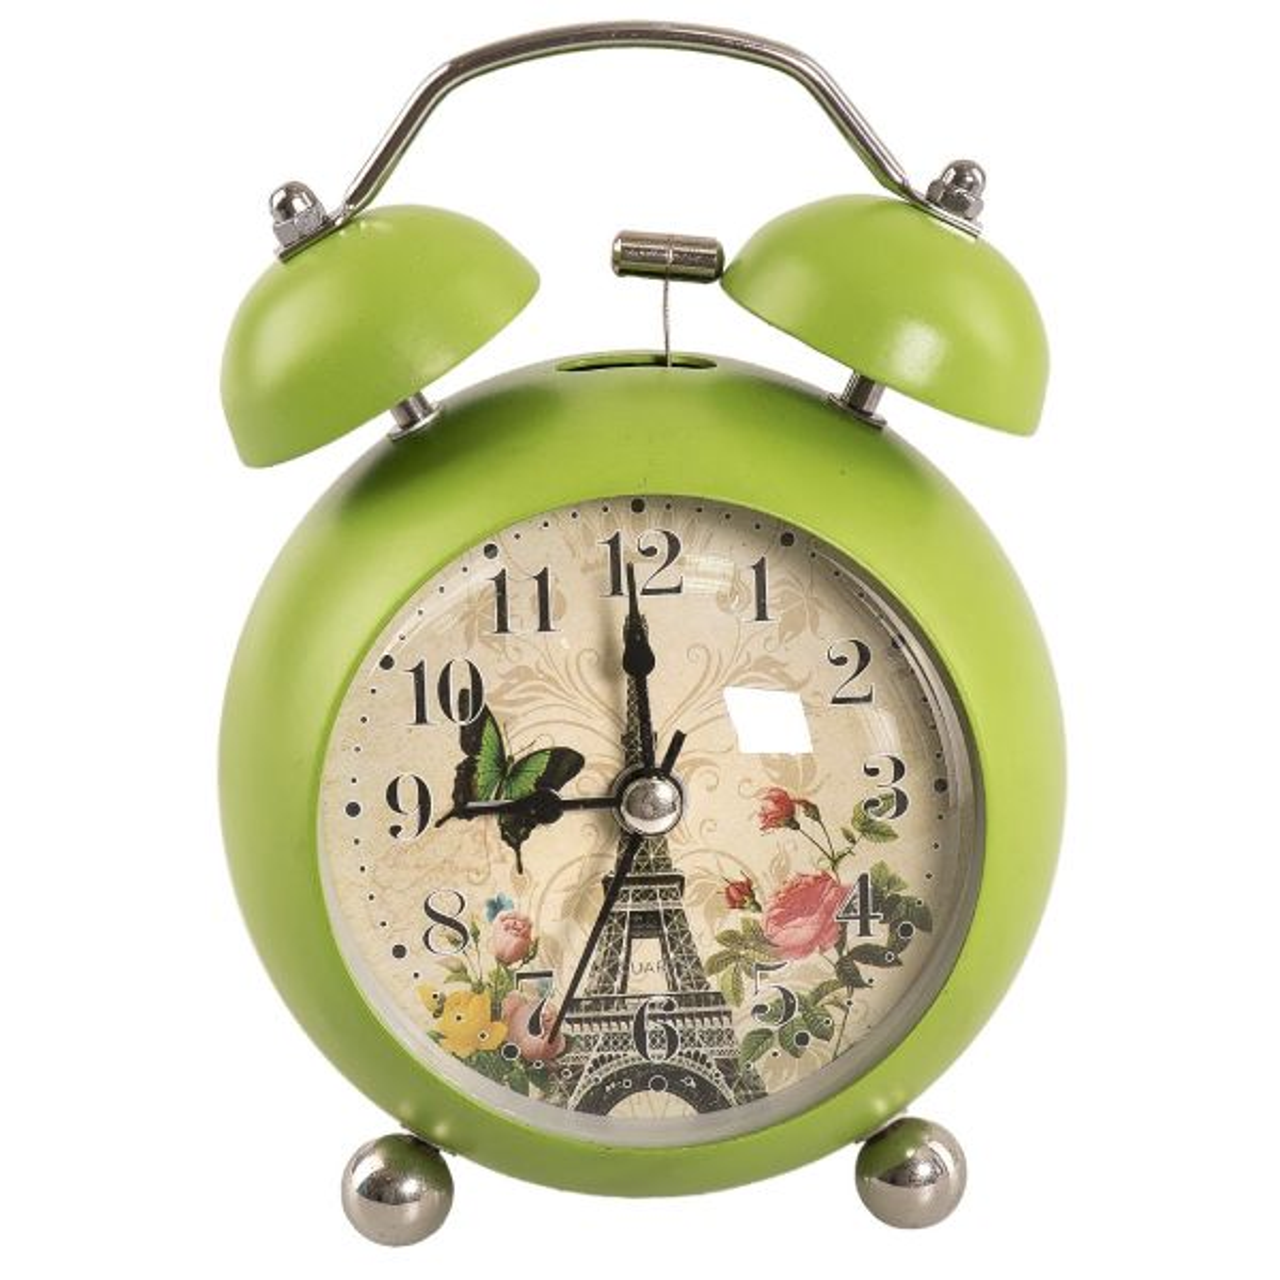 ساعت رومیزی پرانی مدل 4218G